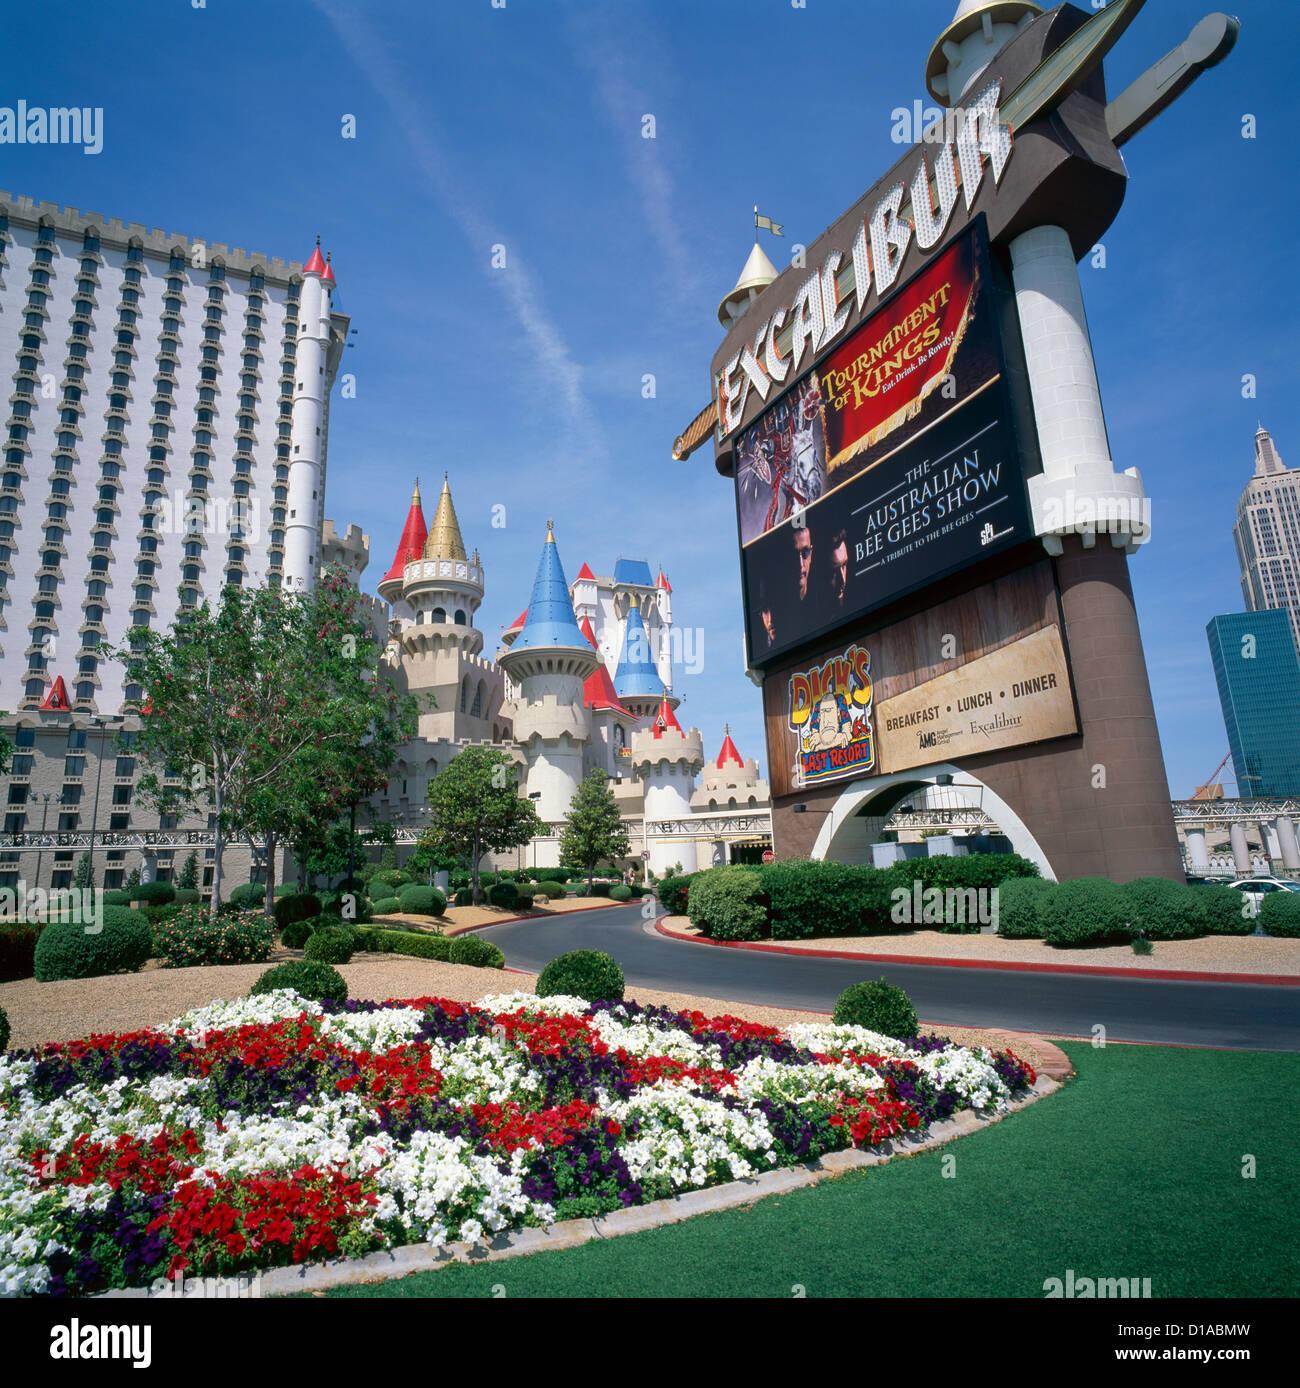 And casino usa casino casino linea linea sobre todo